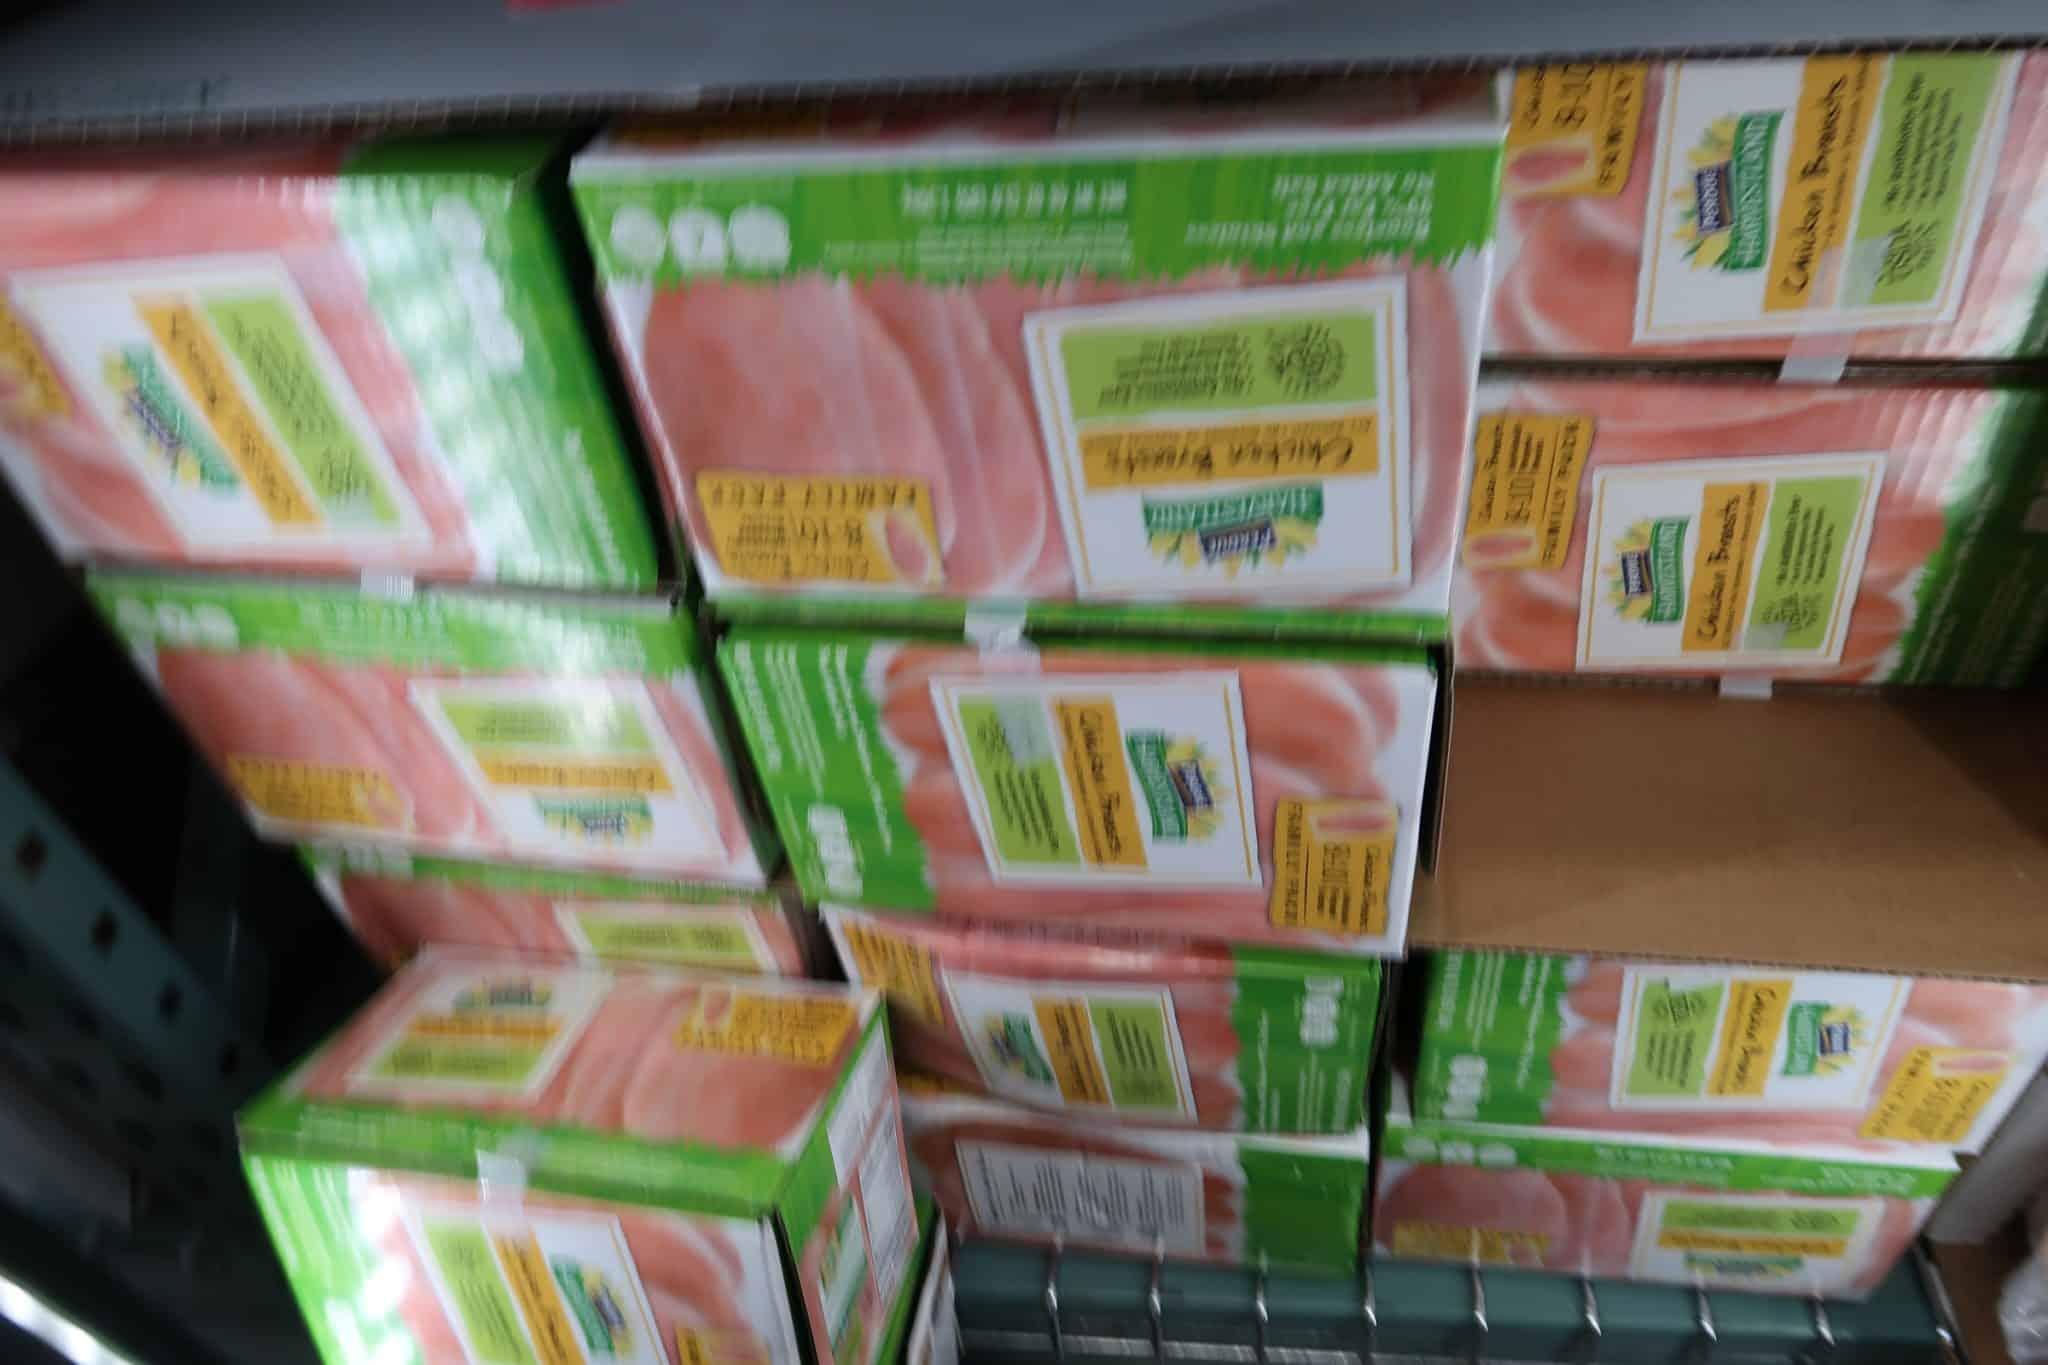 Save $4 on Harvestland Frozen Chicken Breasts ONLY $6.99